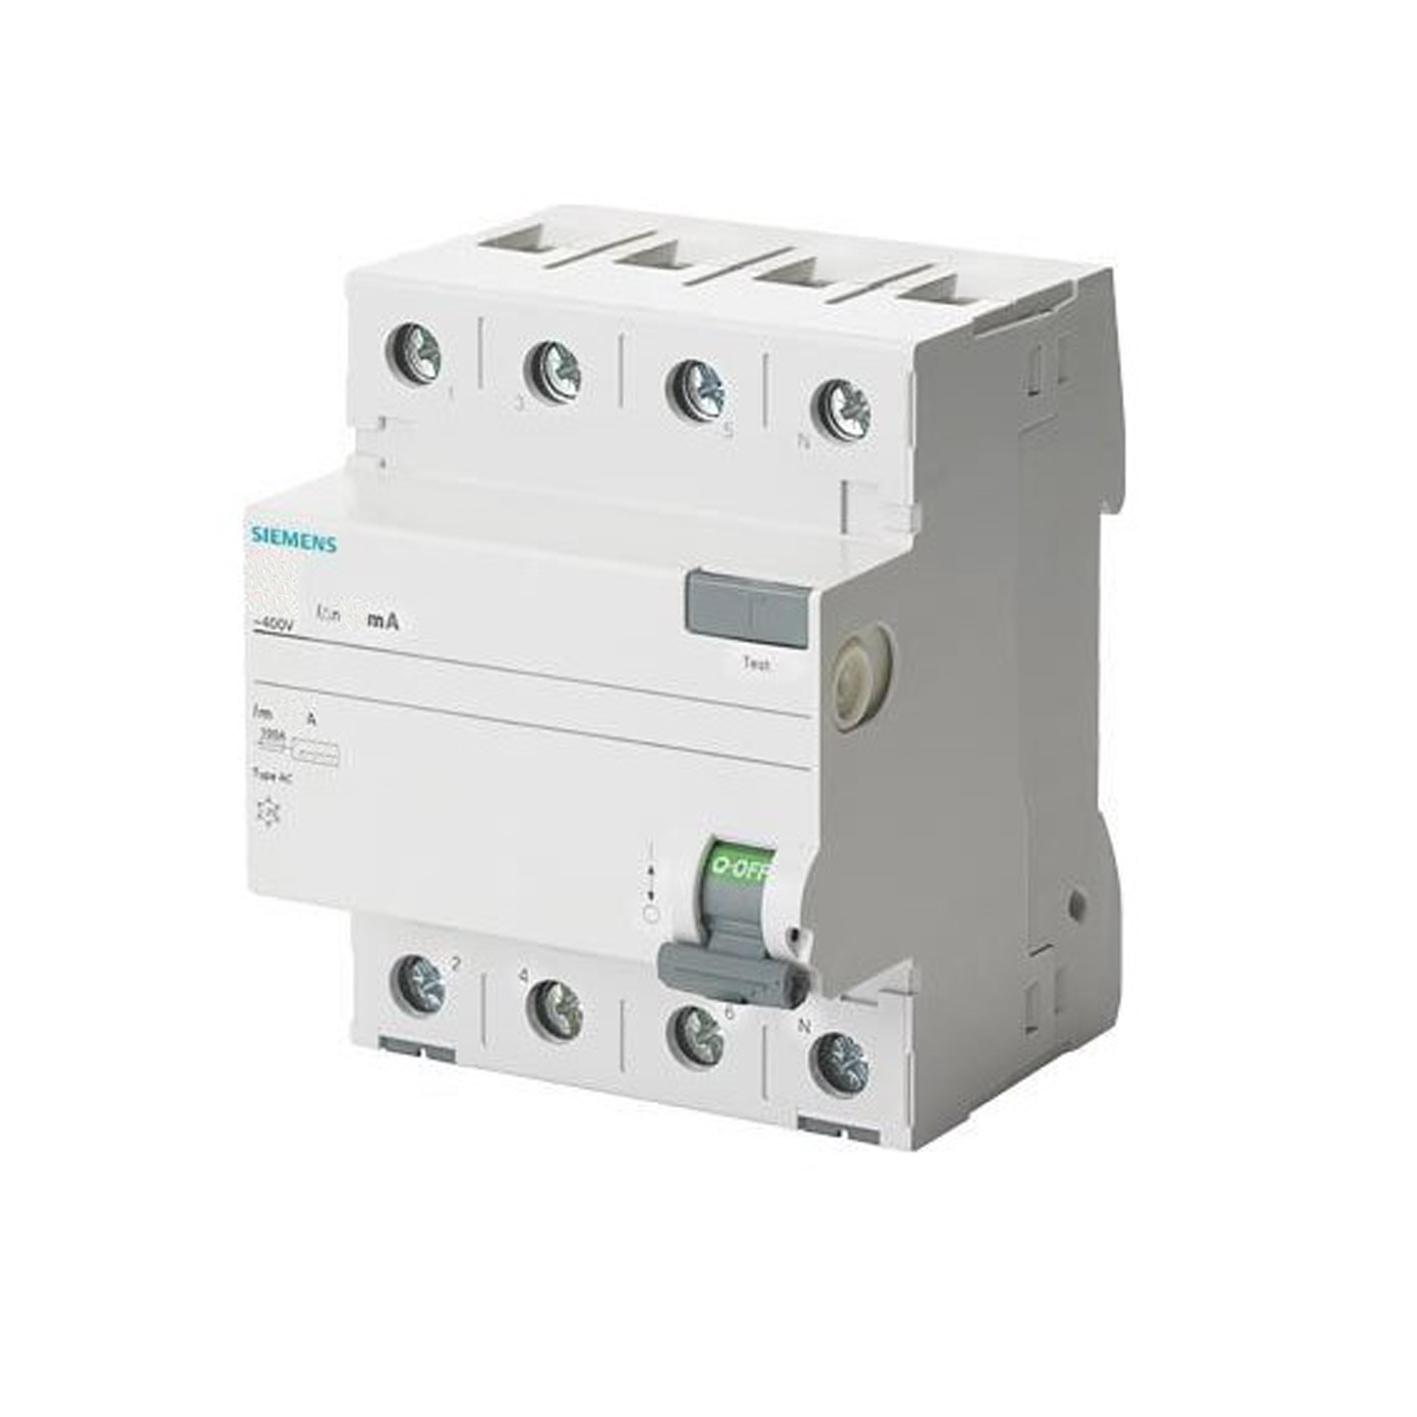 Siemens Kaçak Akım Rölesi 3x80 300mA